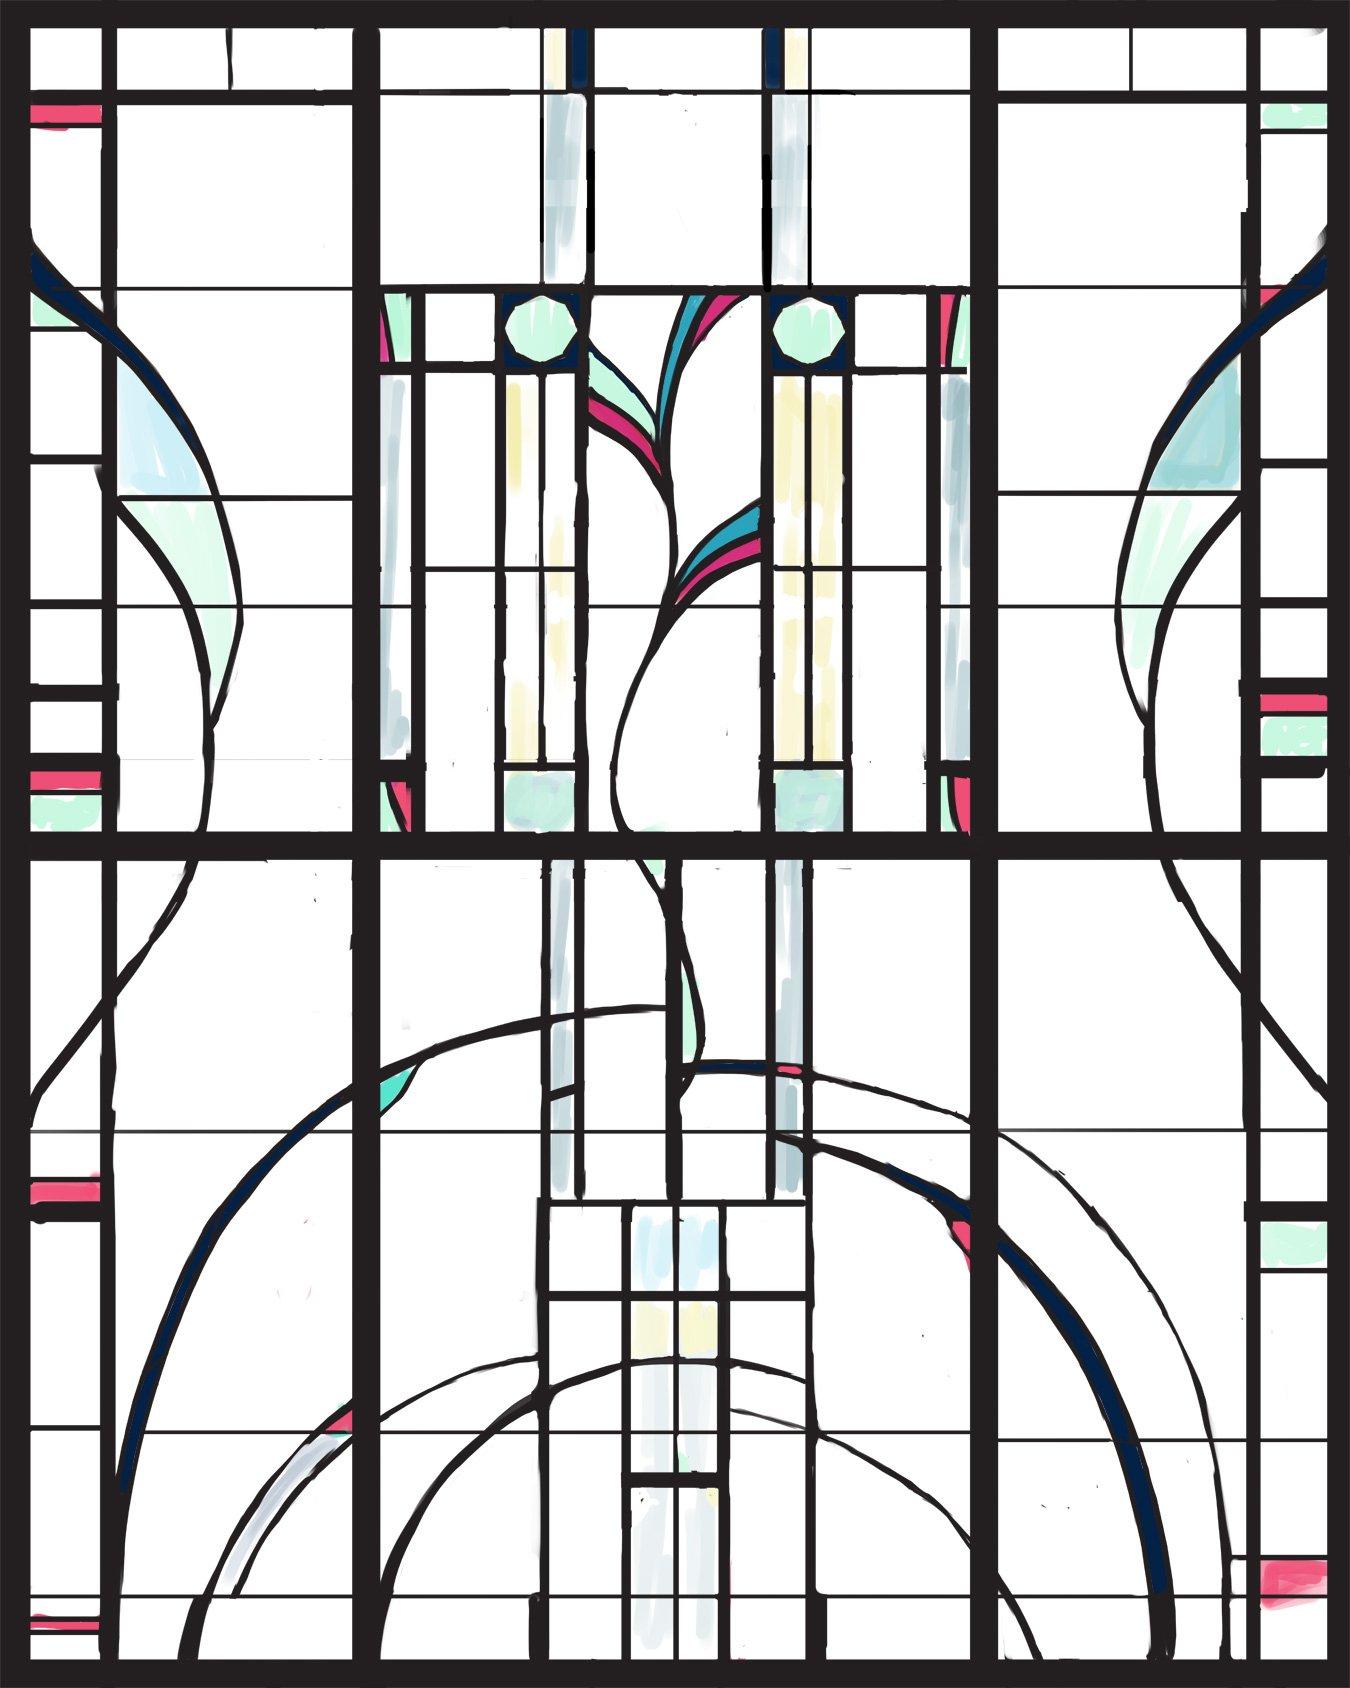 Fig-house-color-sketch-5-6-13